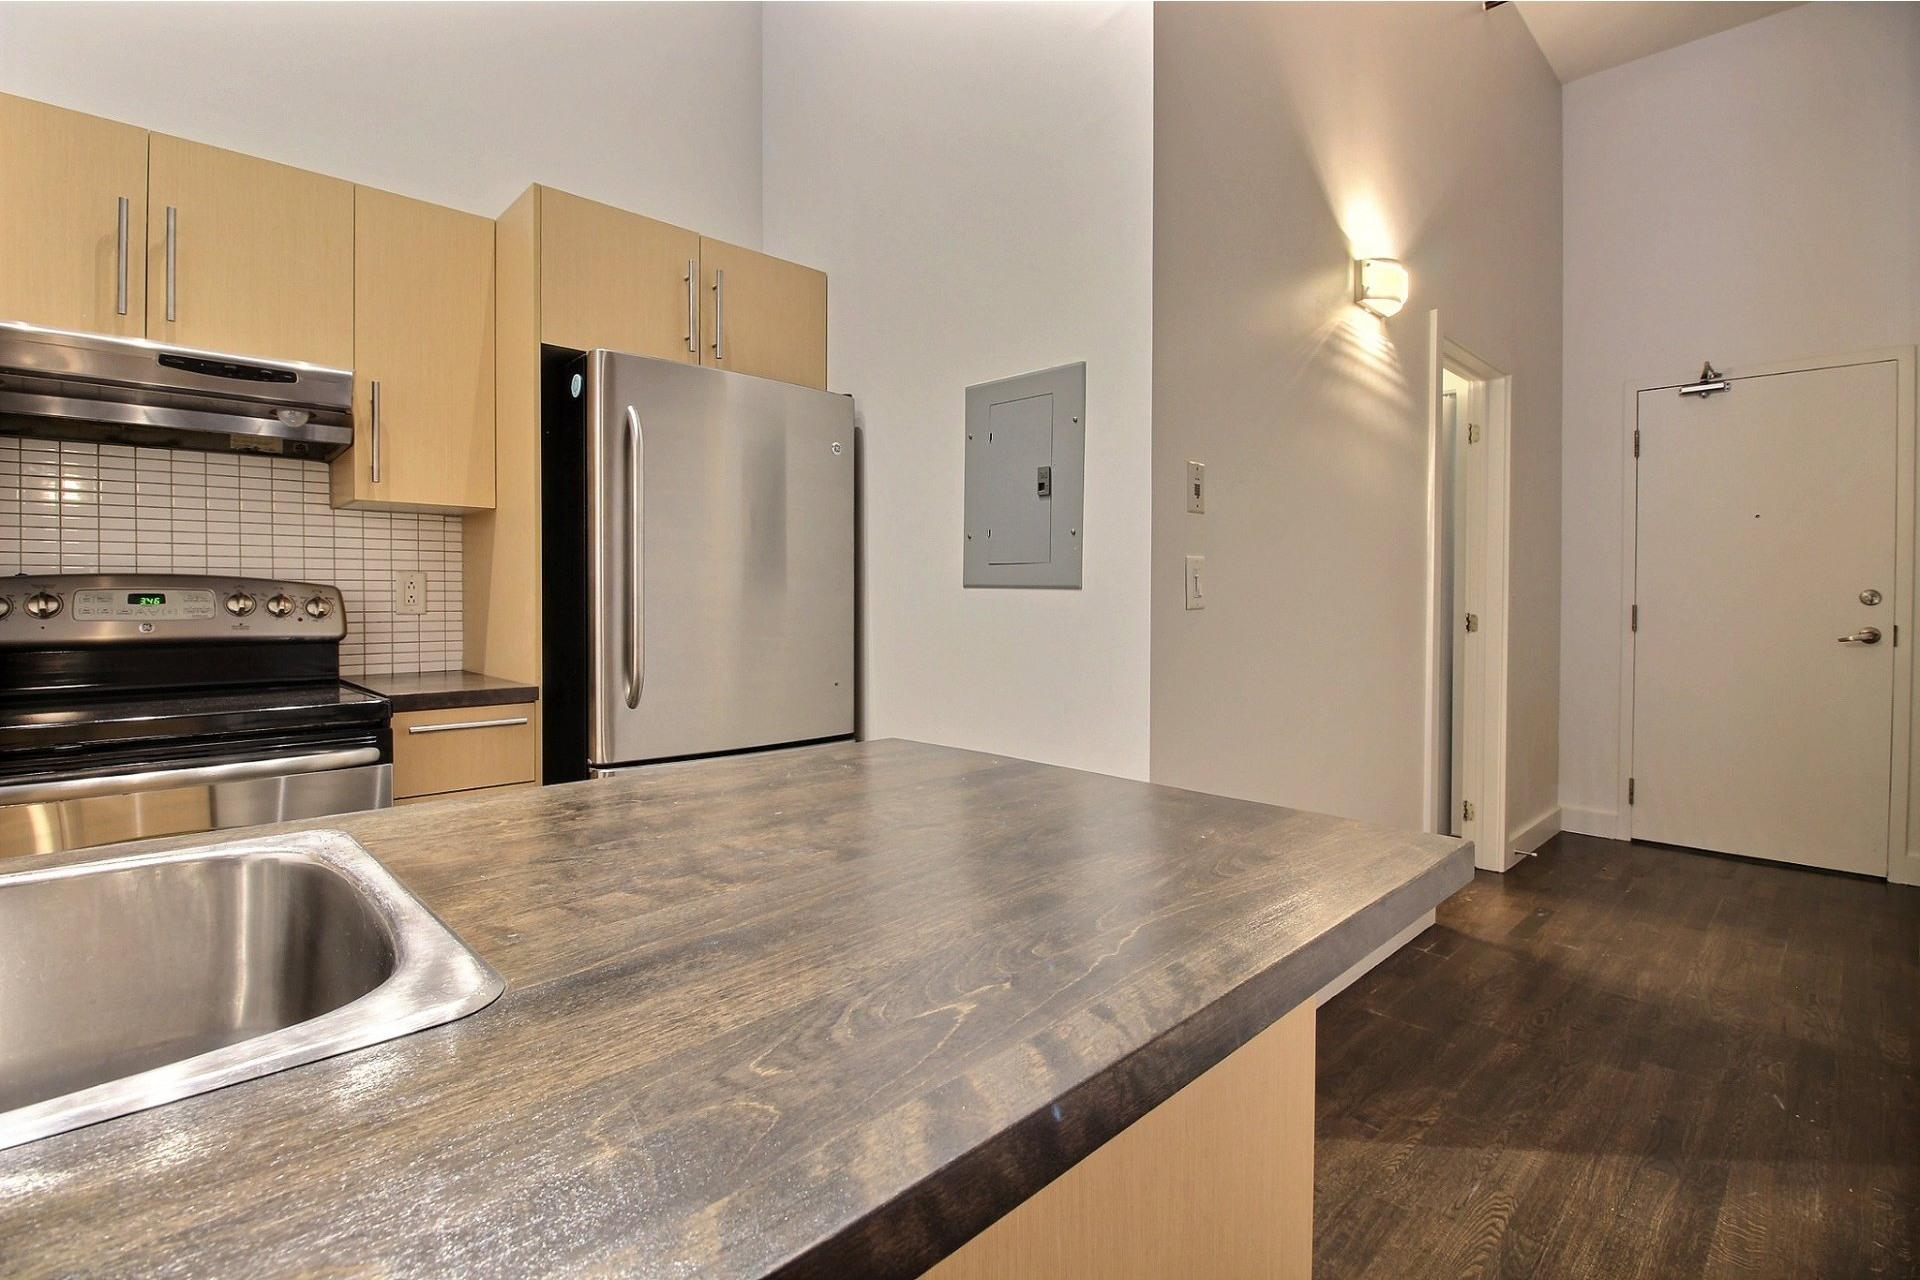 image 15 - Apartment For rent Mercier/Hochelaga-Maisonneuve Montréal  - 6 rooms